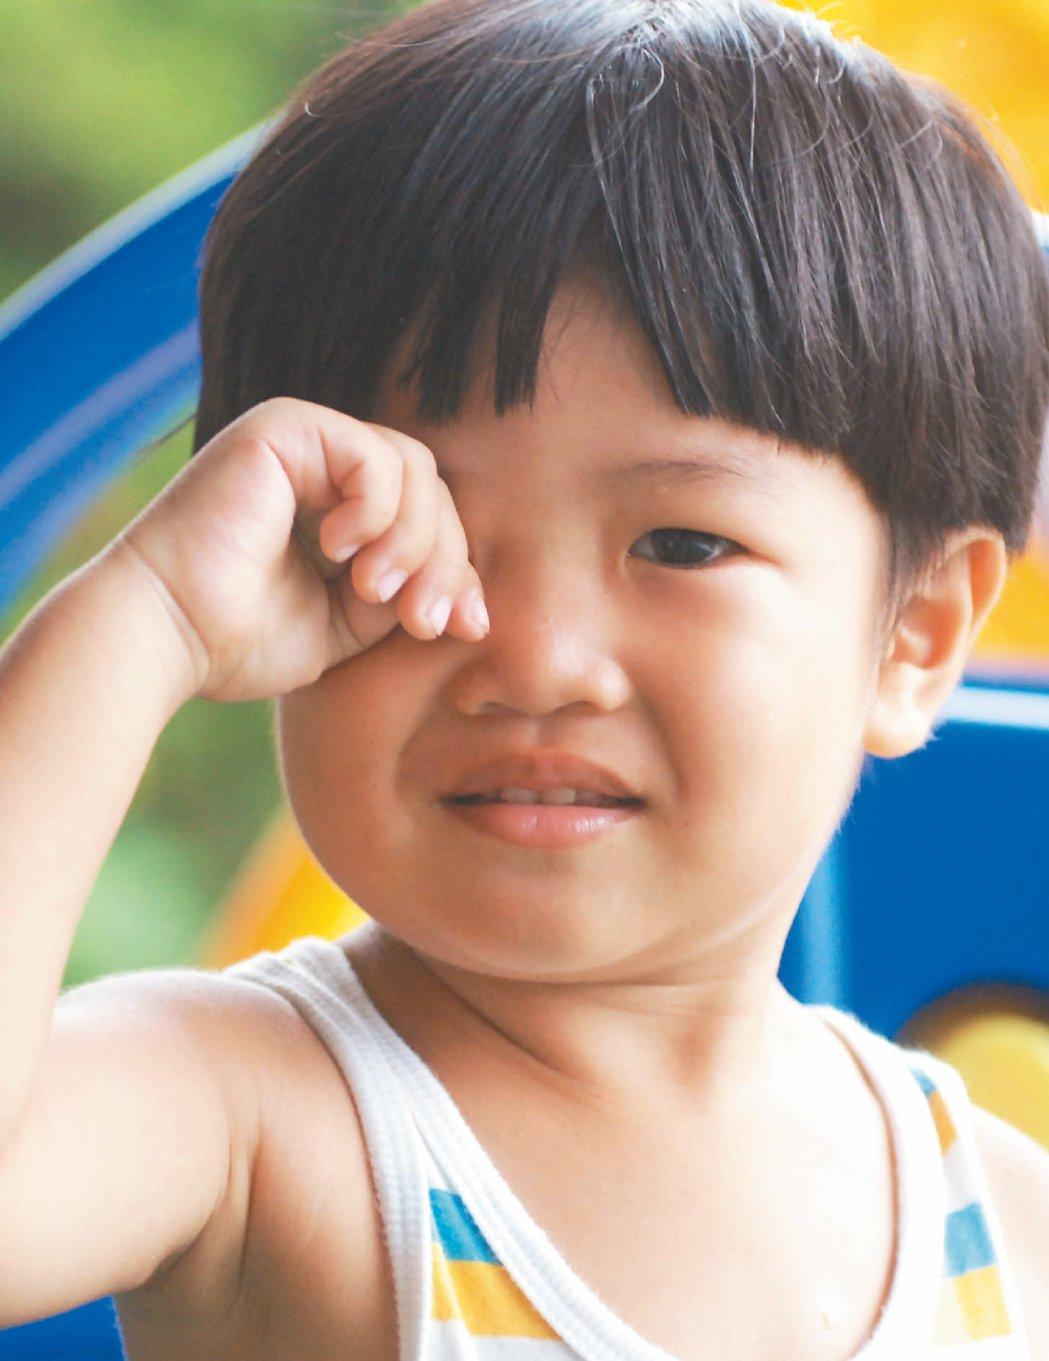 ▲預防紅眼症,呼籲民眾勤洗手,尤其小朋友不要揉眼睛,以免感染病毒。 圖/本報資料...